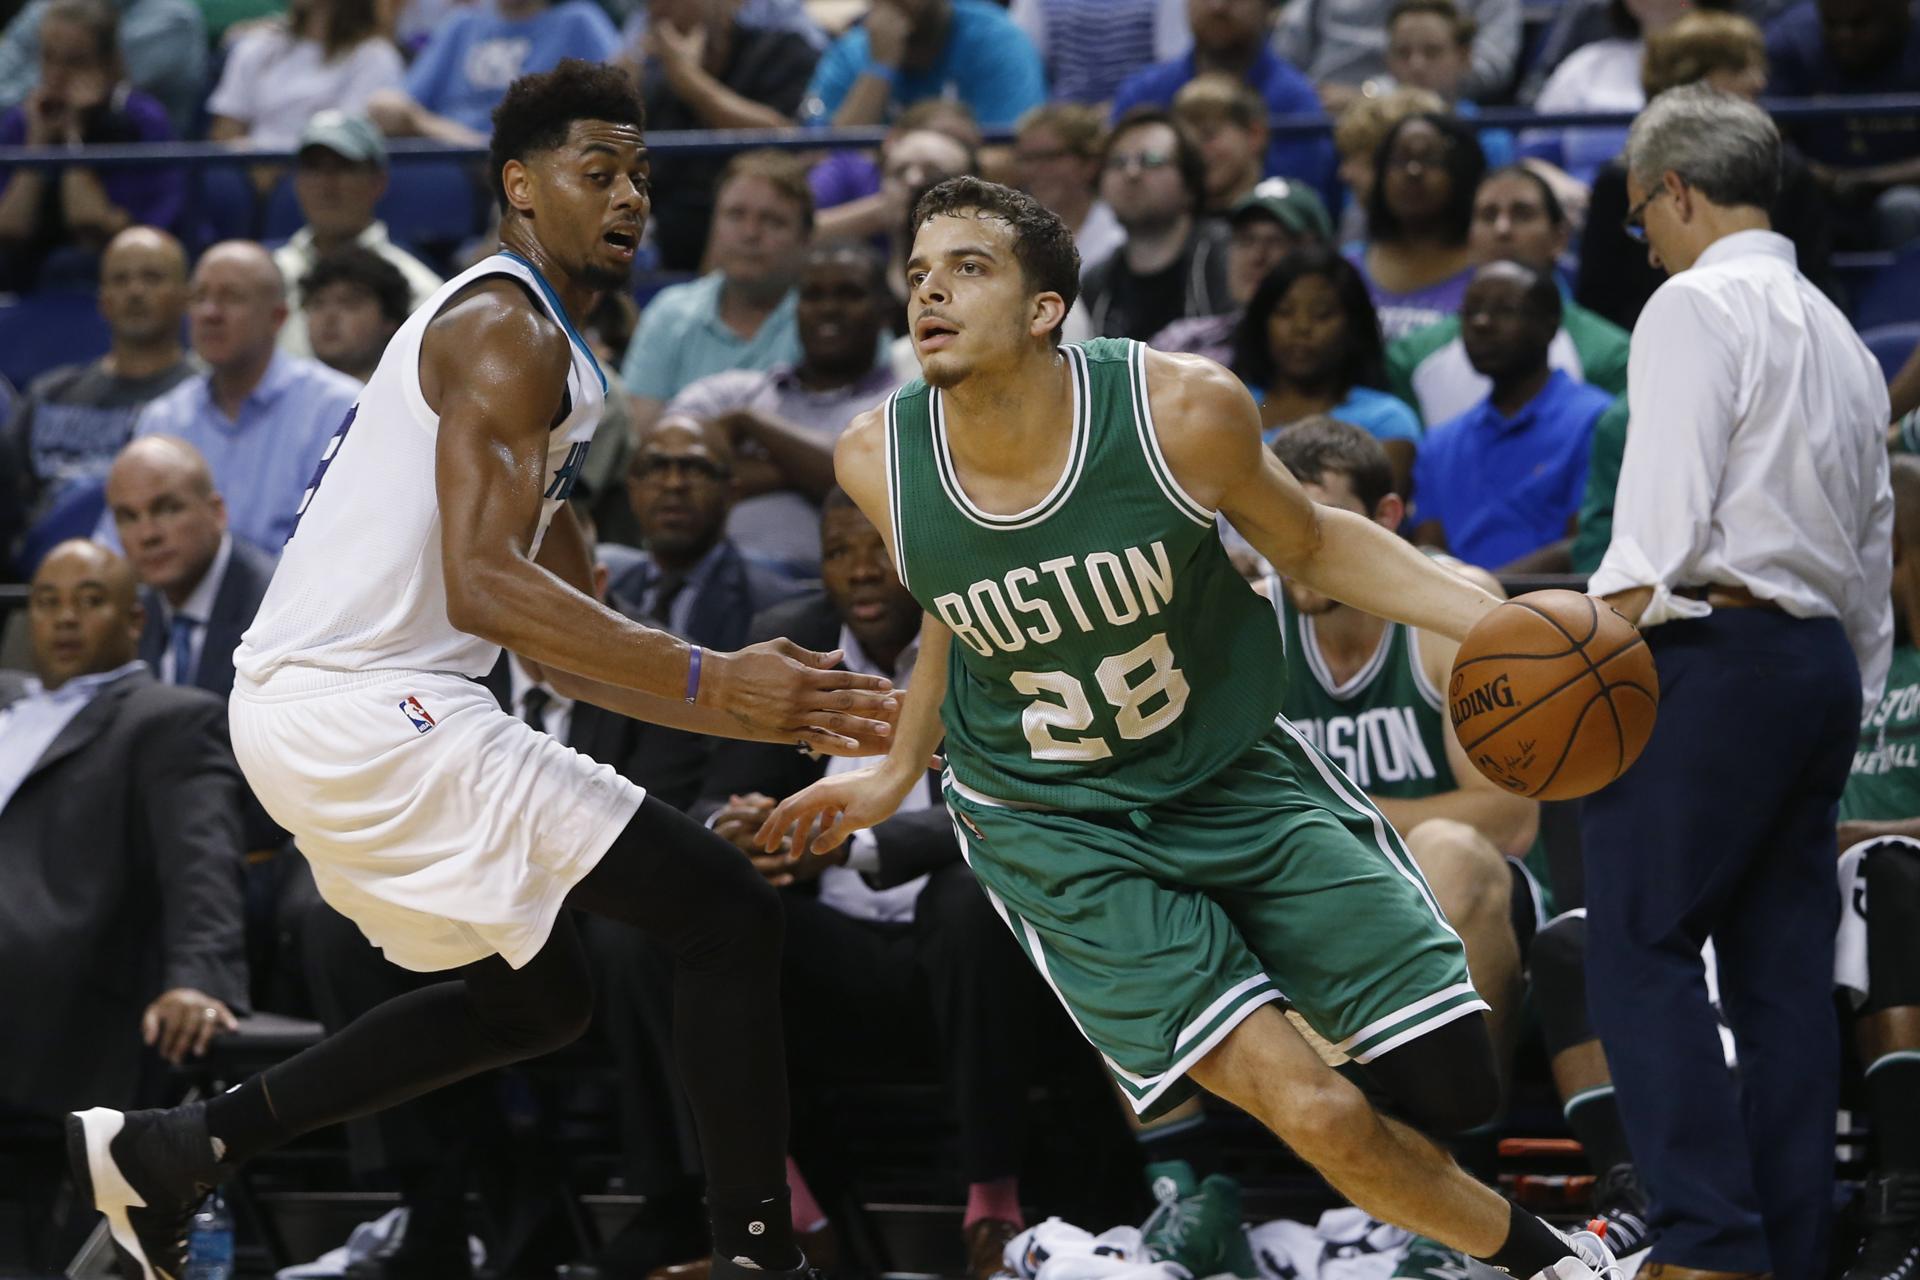 No easy decision on Celtics' last roster spot 97fb2b6972e84e3283158040c507ec6a-97fb2b6972e84e3283158040c507ec6a-0